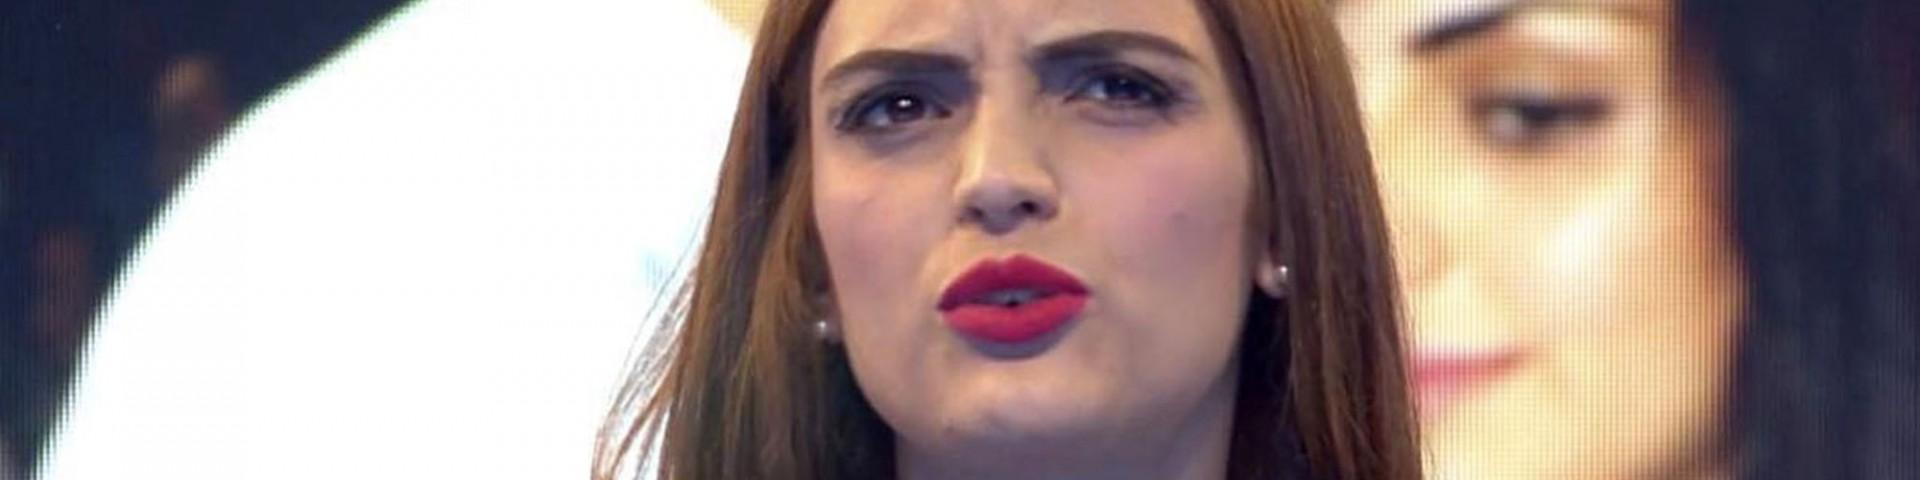 Come sta Jessica Mazzoli dopo il malore?